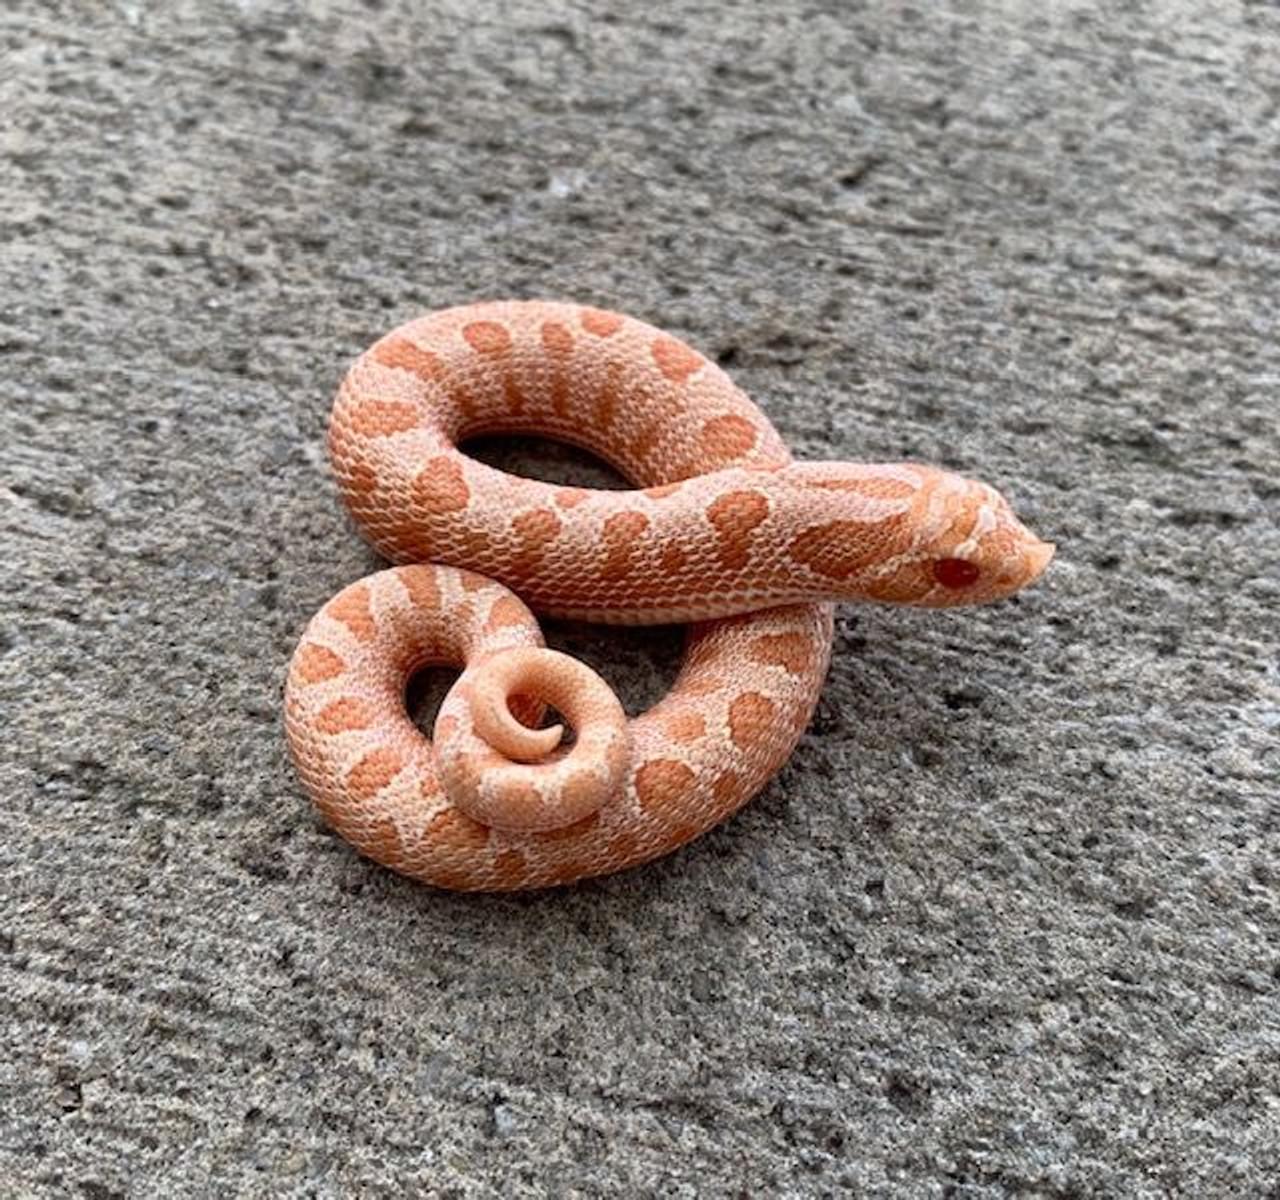 Albino Anaconda Western Hognose Snake For Sale Snakes At Sunset